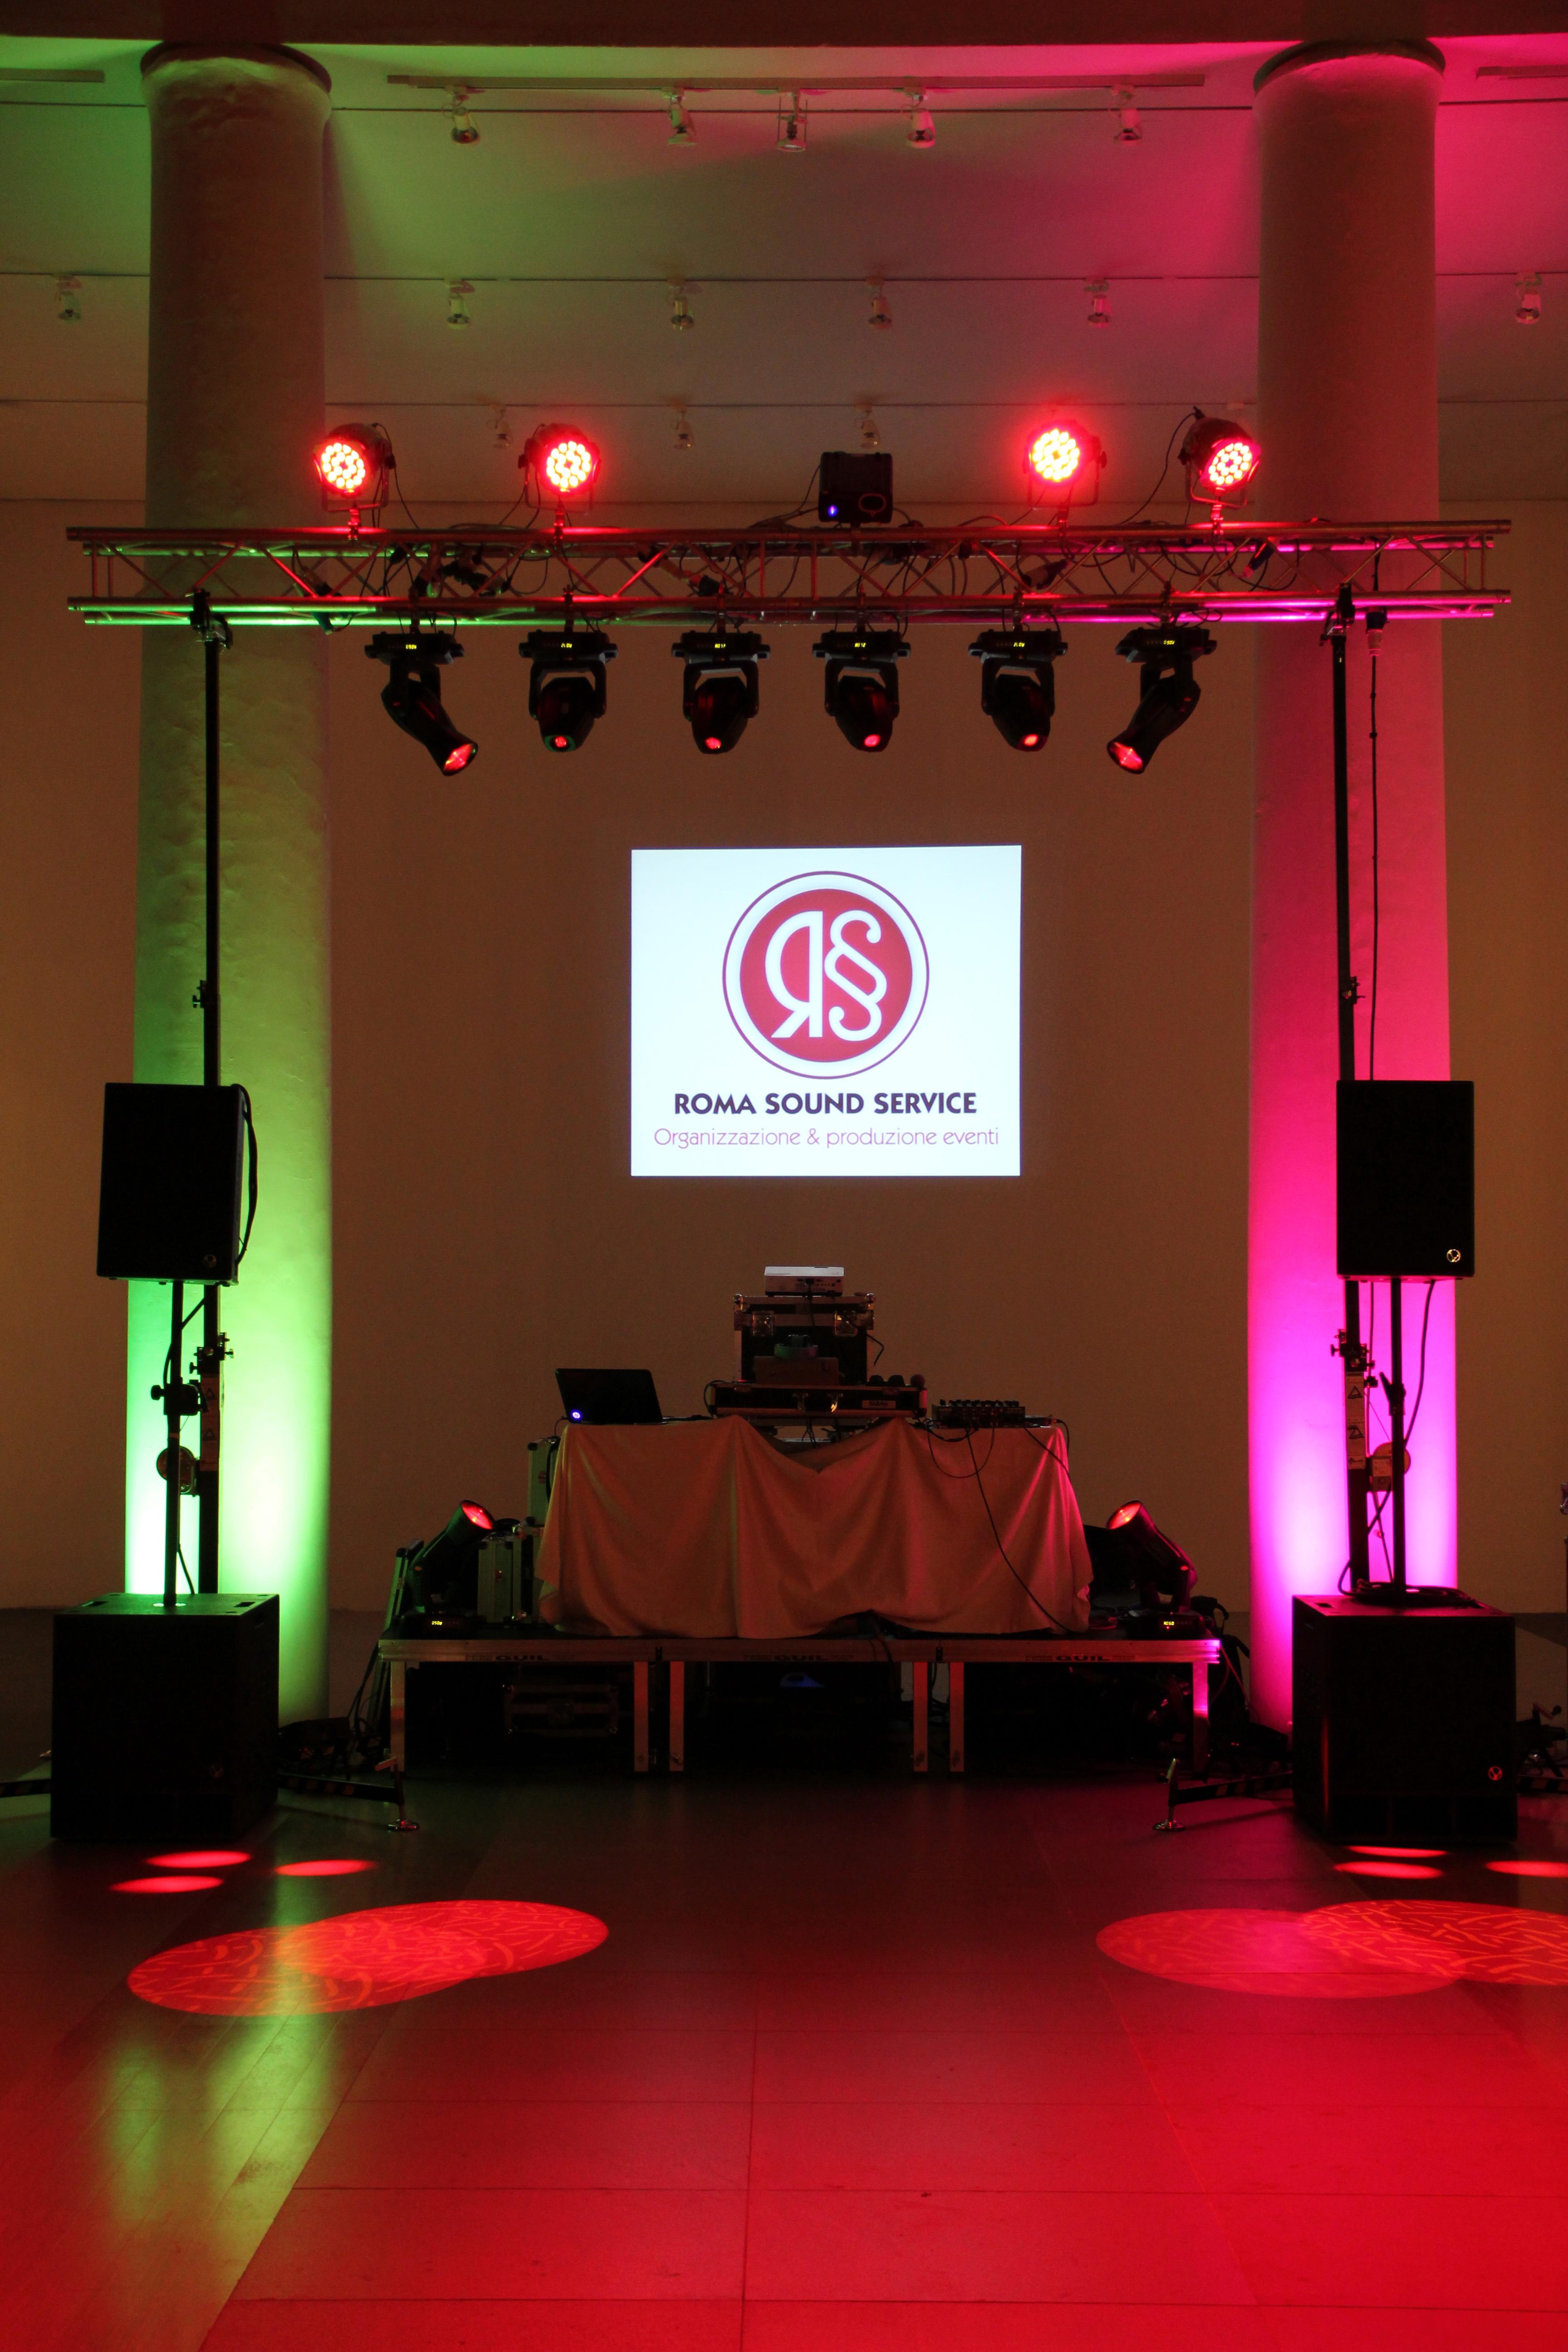 Affitto luci per locali feste ed eventi roma noleggio luci - Impianti audio per casa ...